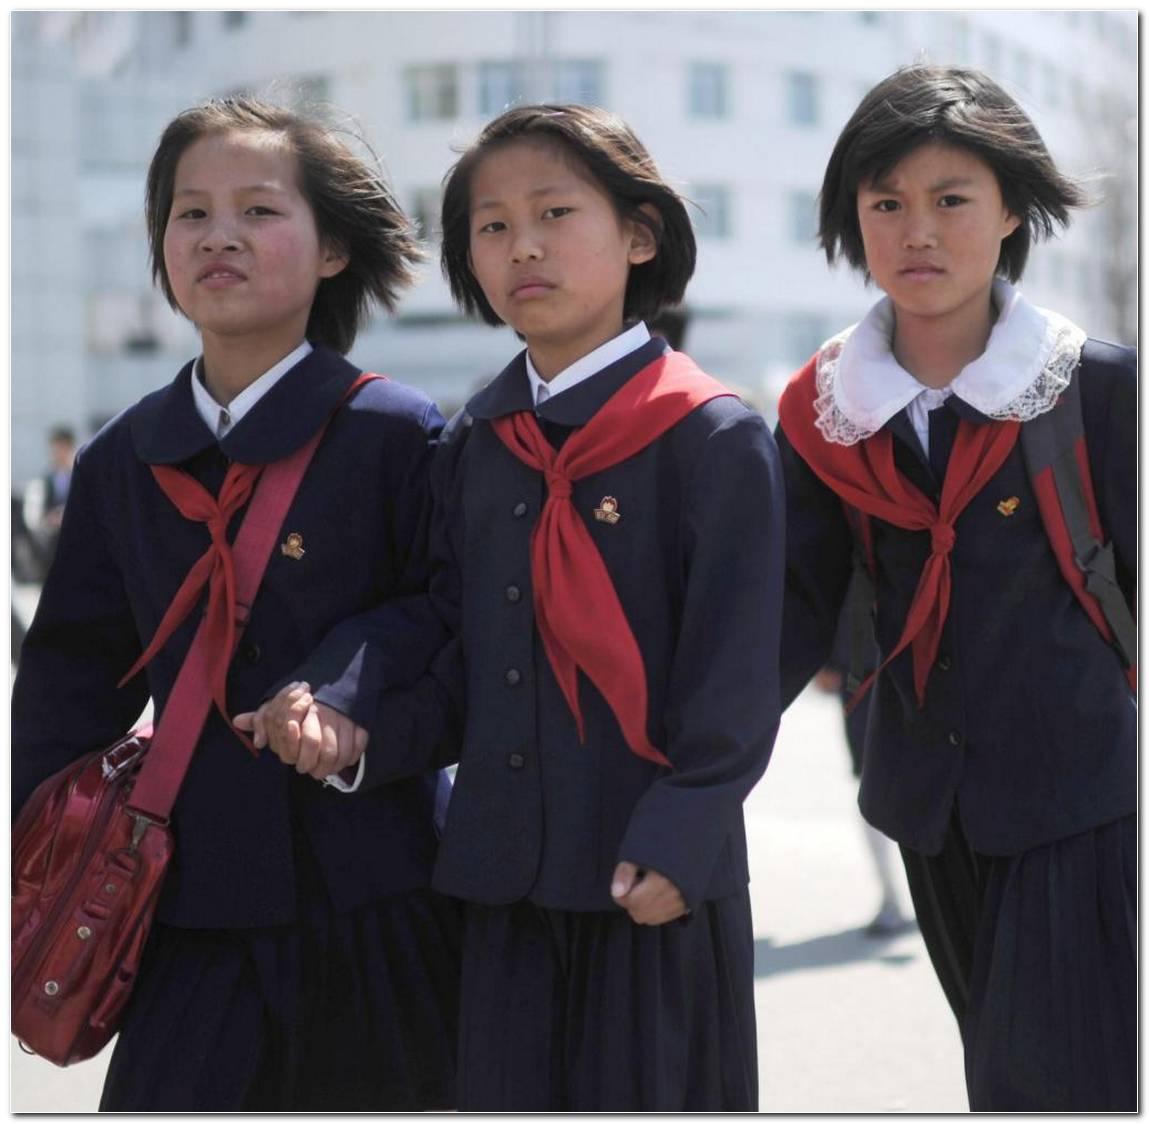 Frisuren Die In Nordkorea Erlaubt Sind